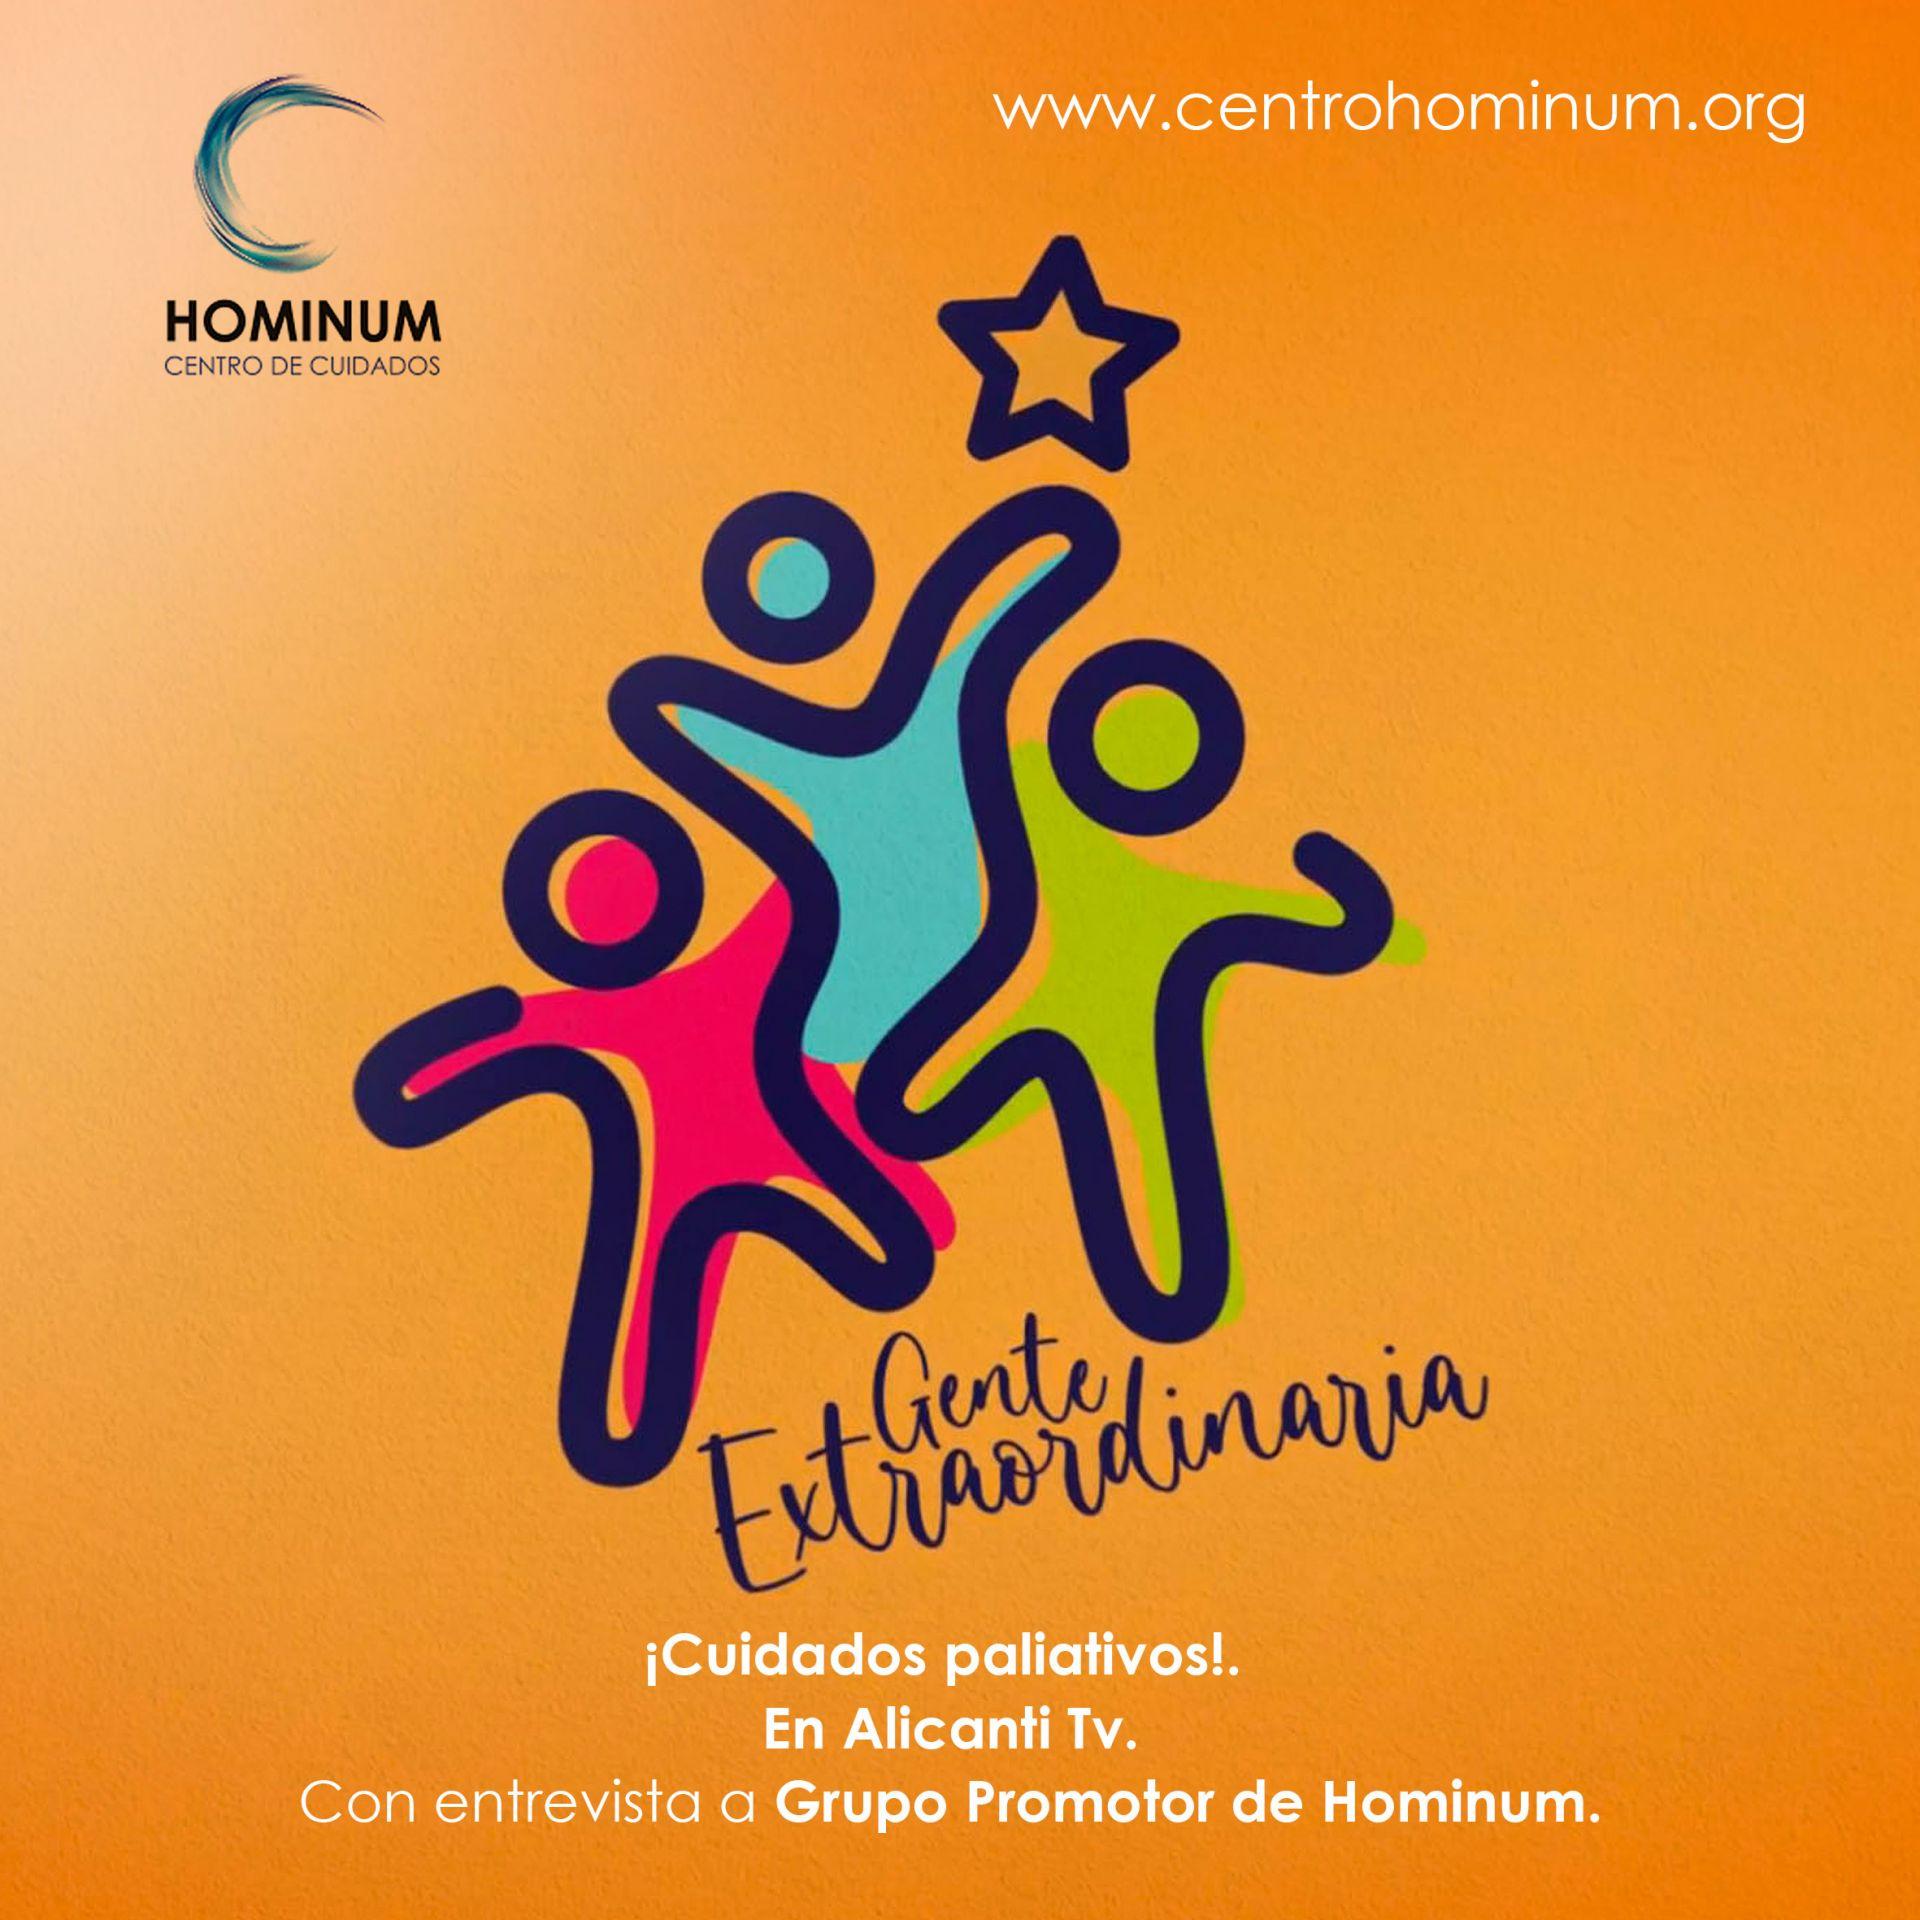 ¡Cuidados paliativos!.  En Alicanti Tv. Con entrevista a Grupo Promotor de Hominum.